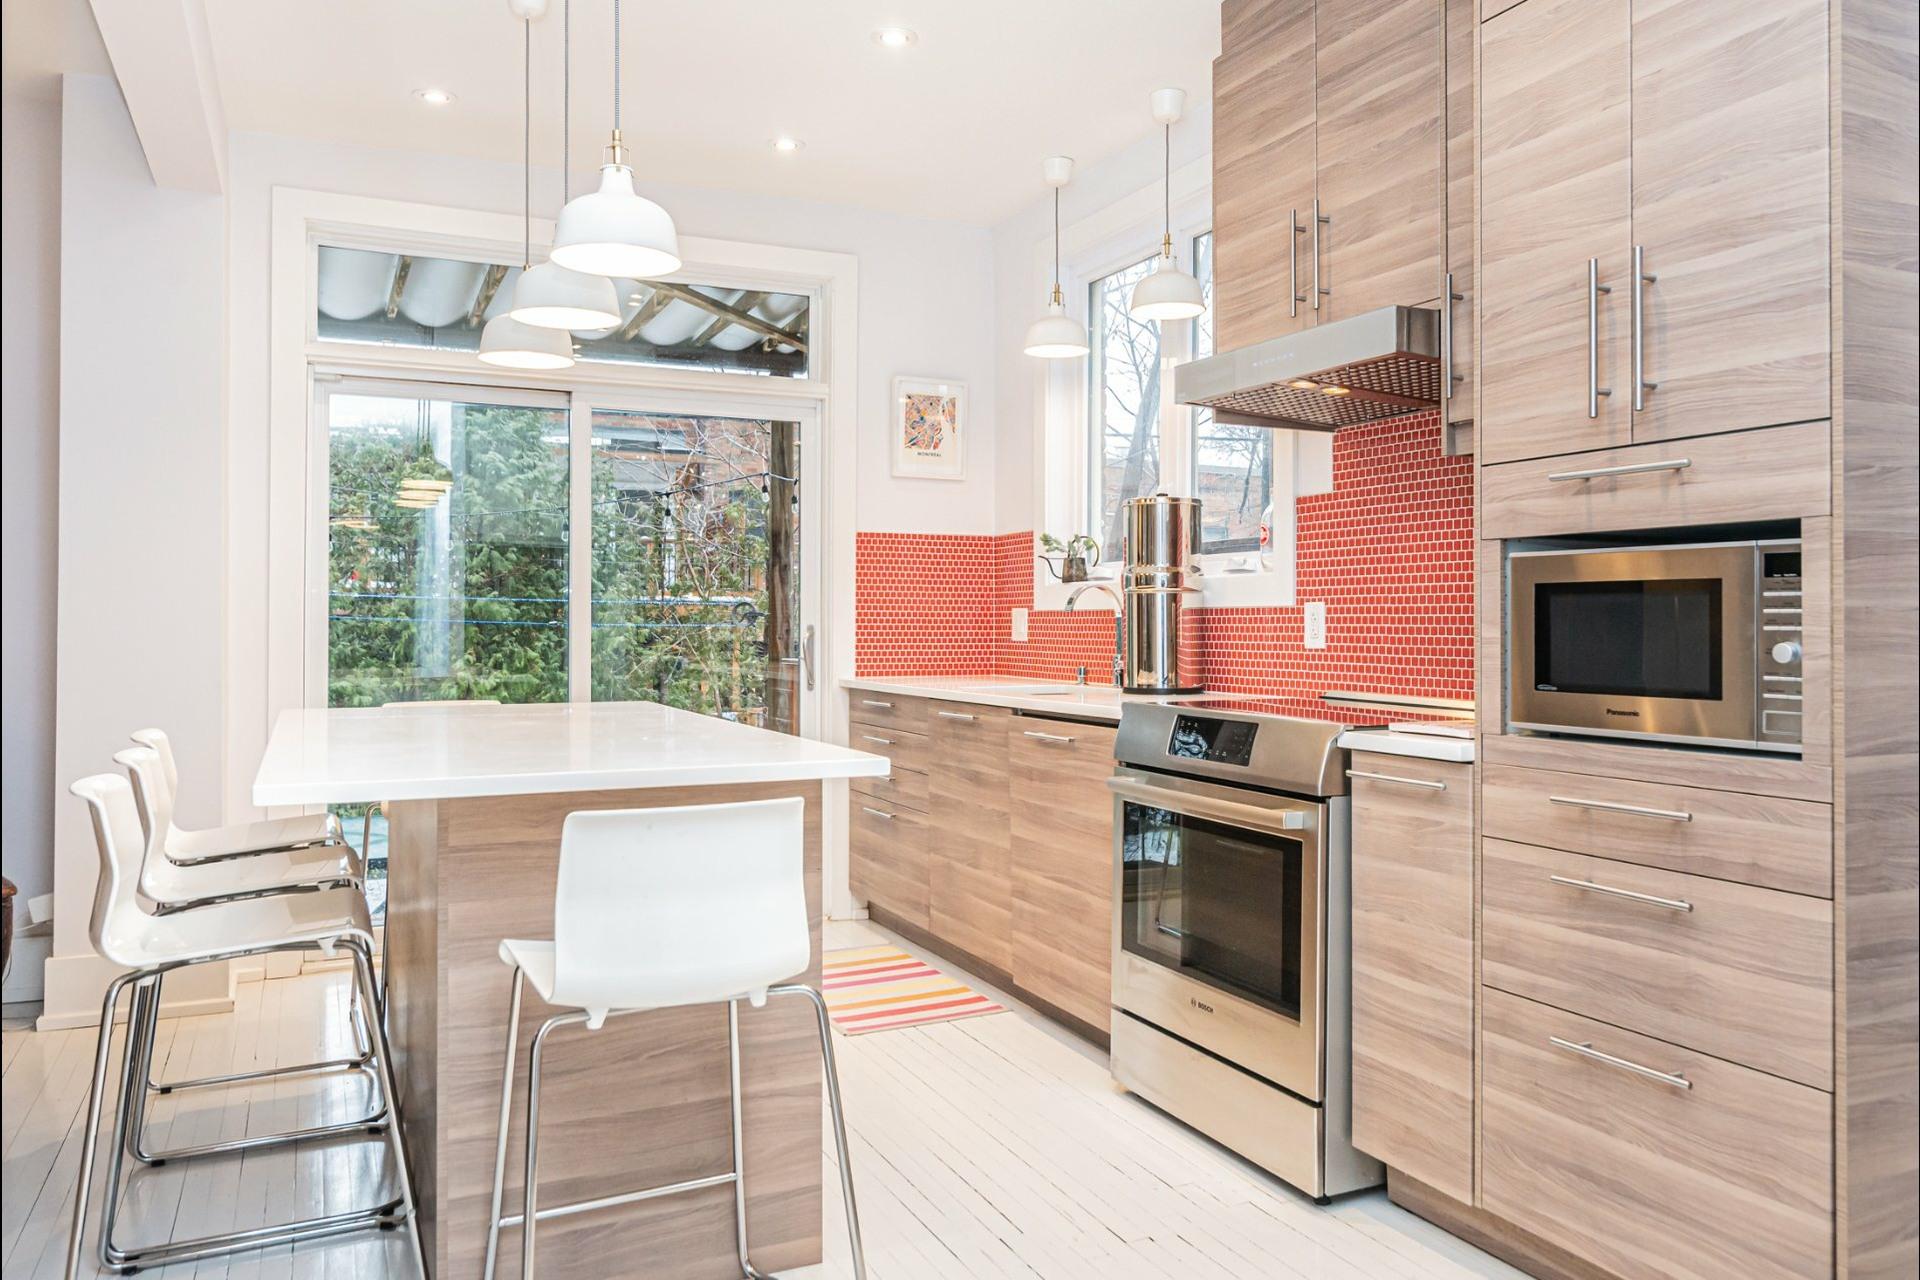 image 7 - Apartment For sale Côte-des-Neiges/Notre-Dame-de-Grâce Montréal  - 10 rooms